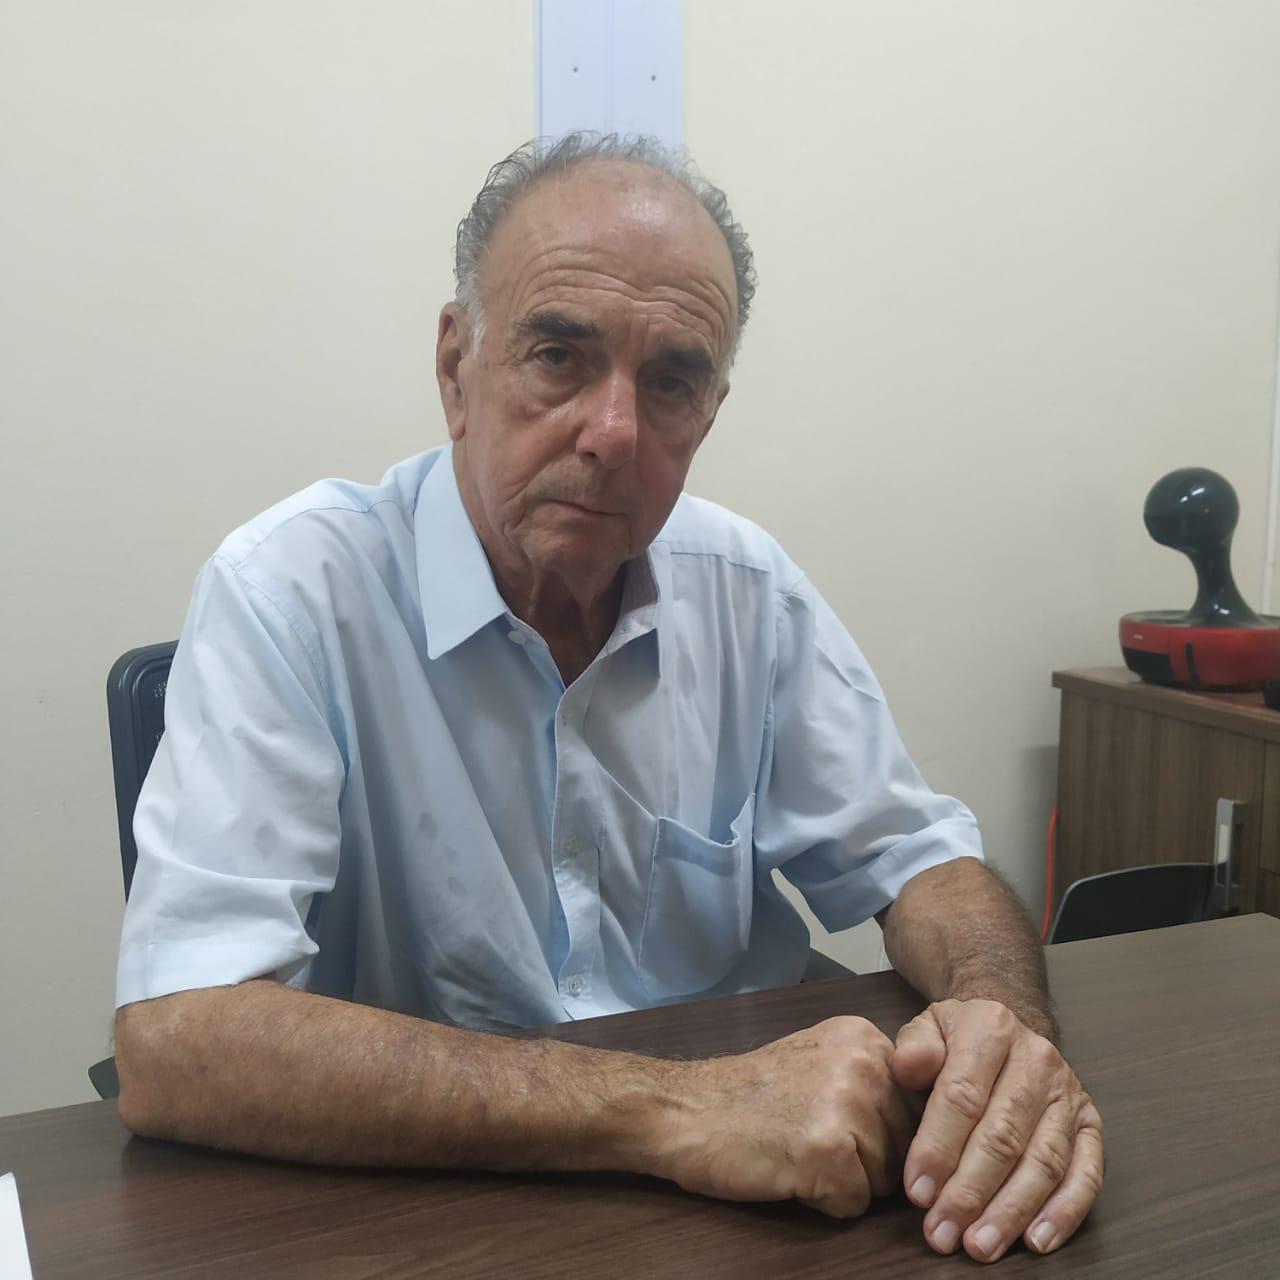 Arquivo - Feiz oficializará candidatura a vice-prefeito; principal cargo fica com Laércio Alcântara, do DEM